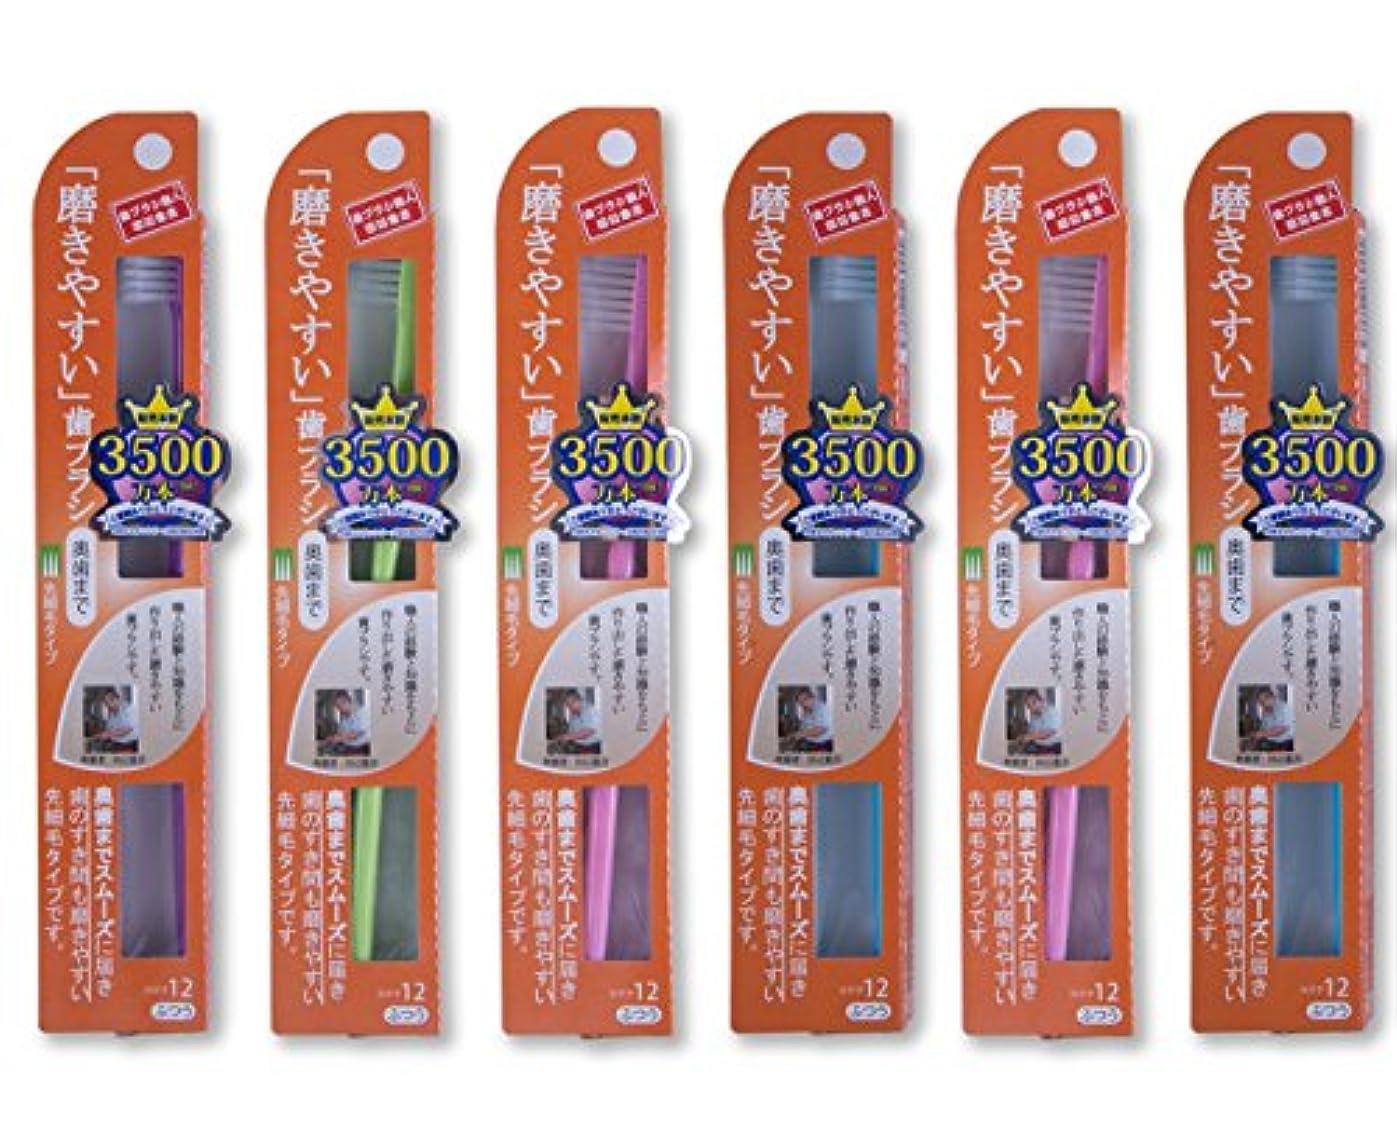 プロジェクターミトンほうき歯ブラシ職人 Artooth® 田辺重吉  日本製 磨きやすい歯ブラシ(奥歯まで)先細 LT-12 (6本入)